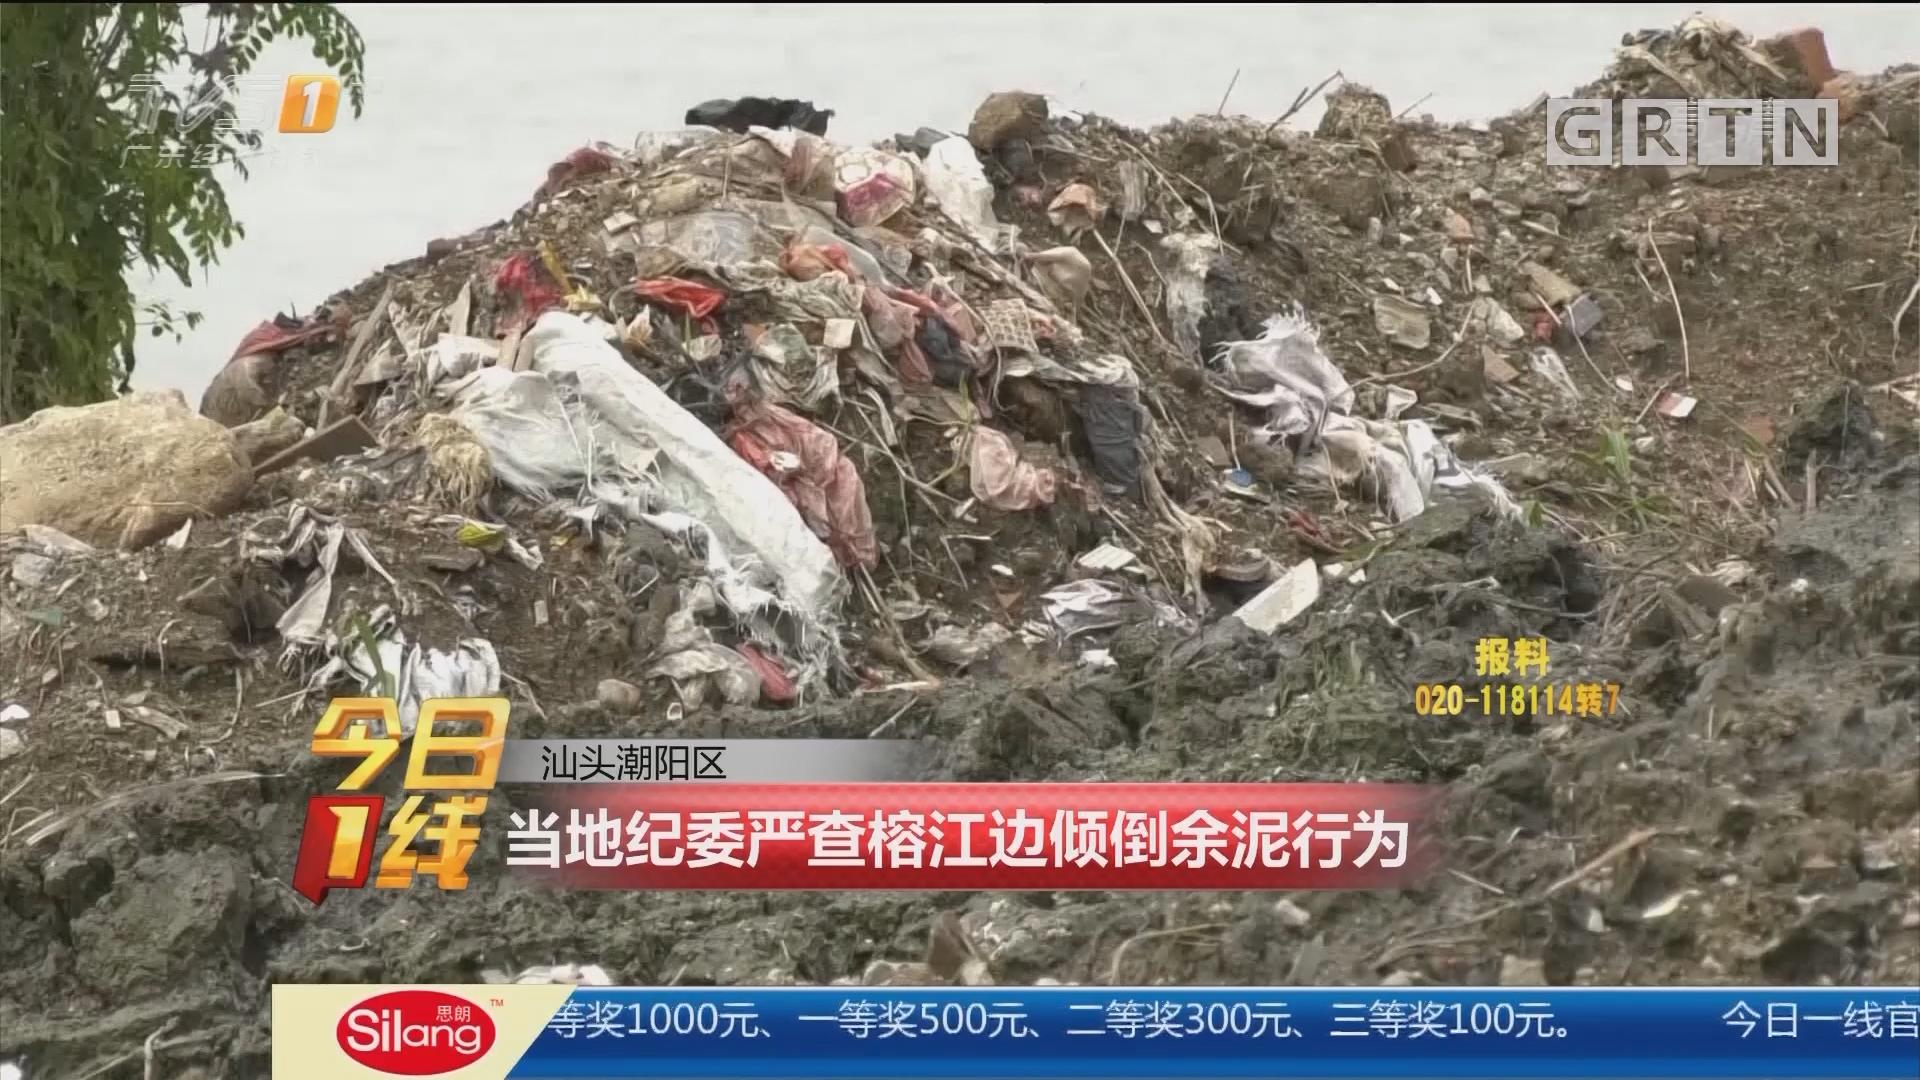 汕头潮阳区:当地纪委严查榕江边倾倒余泥行为